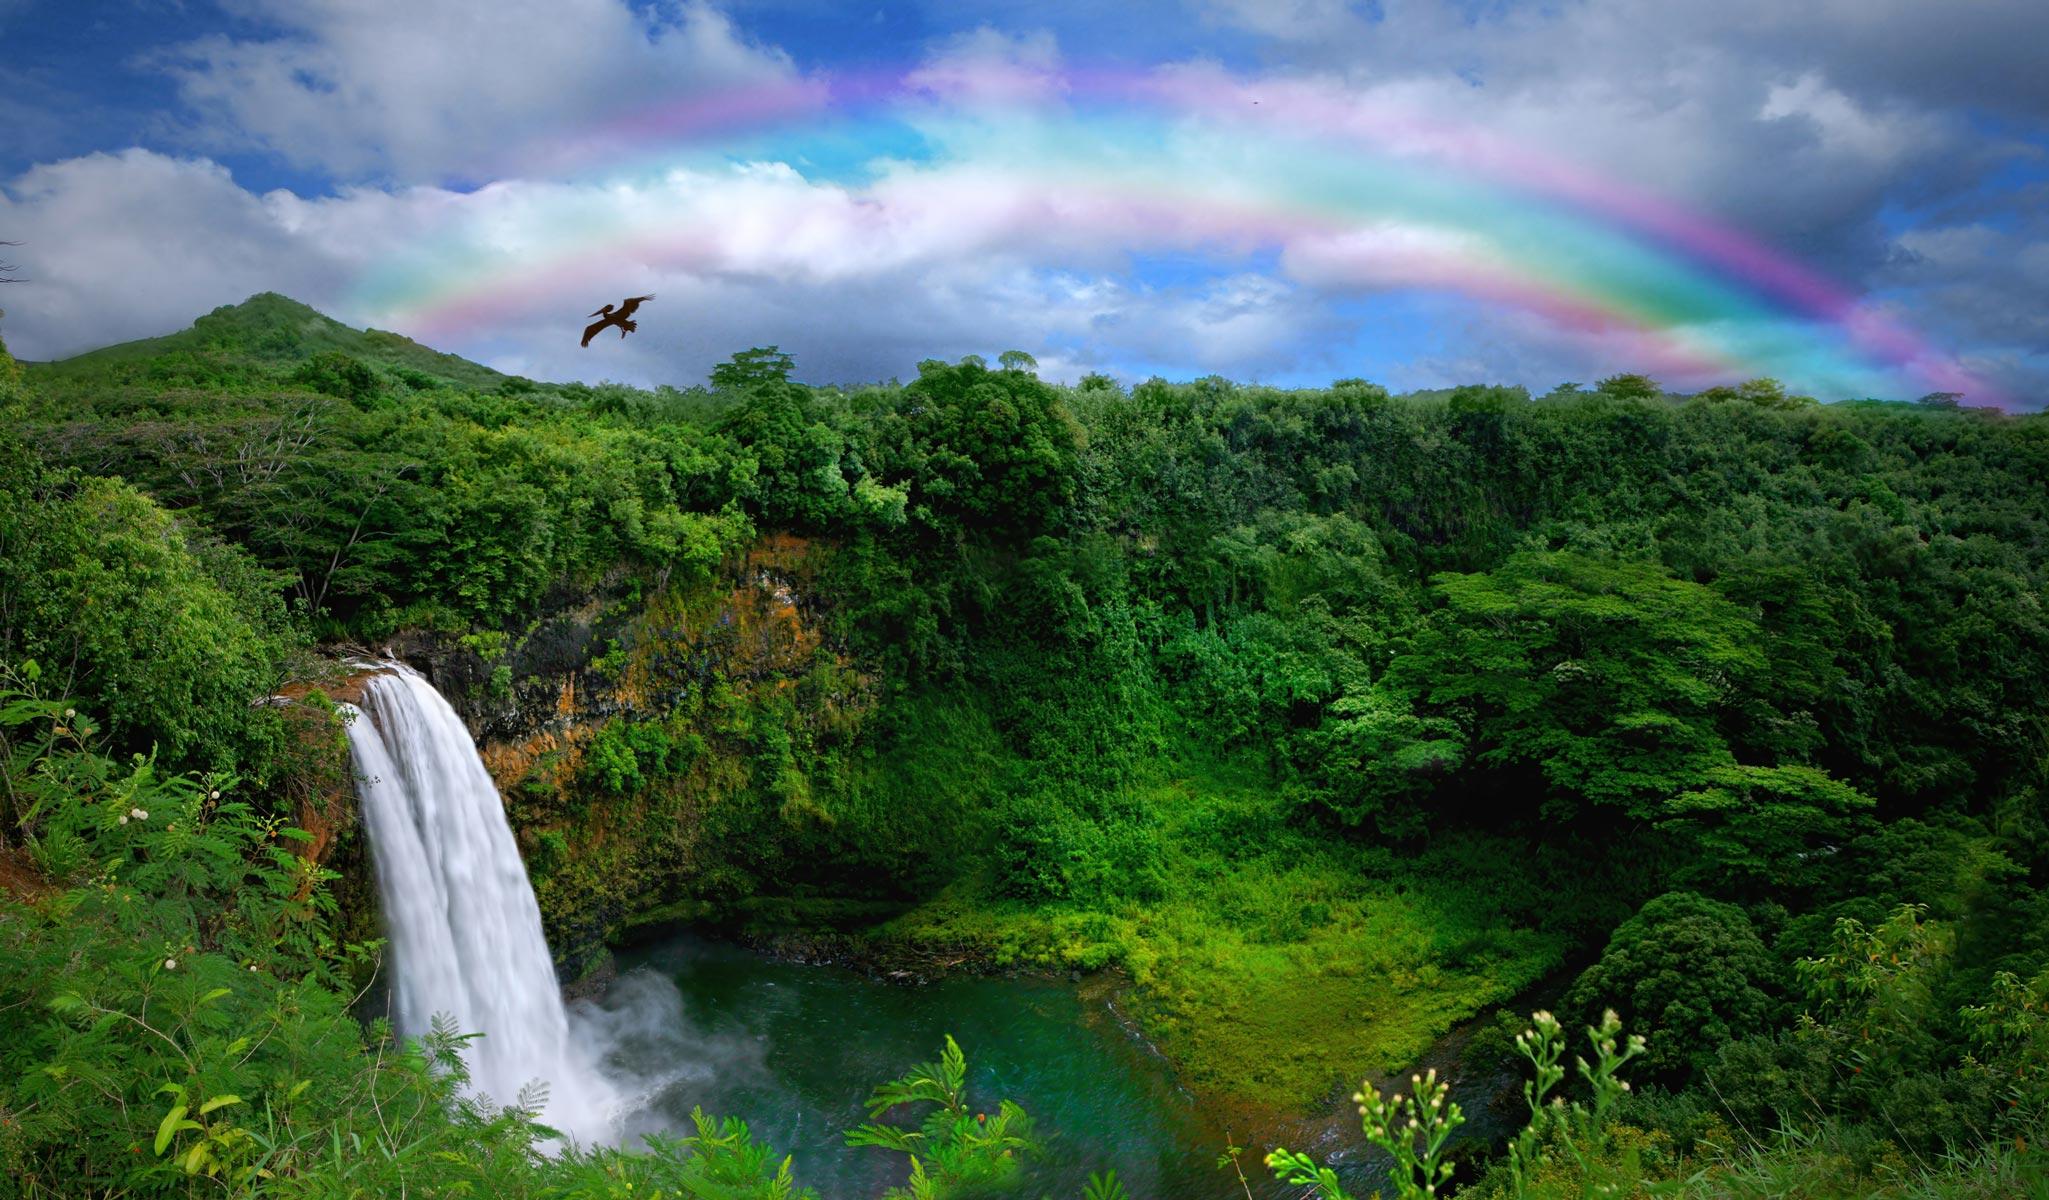 Kauai-Island-Waterfall-in-Hawaii